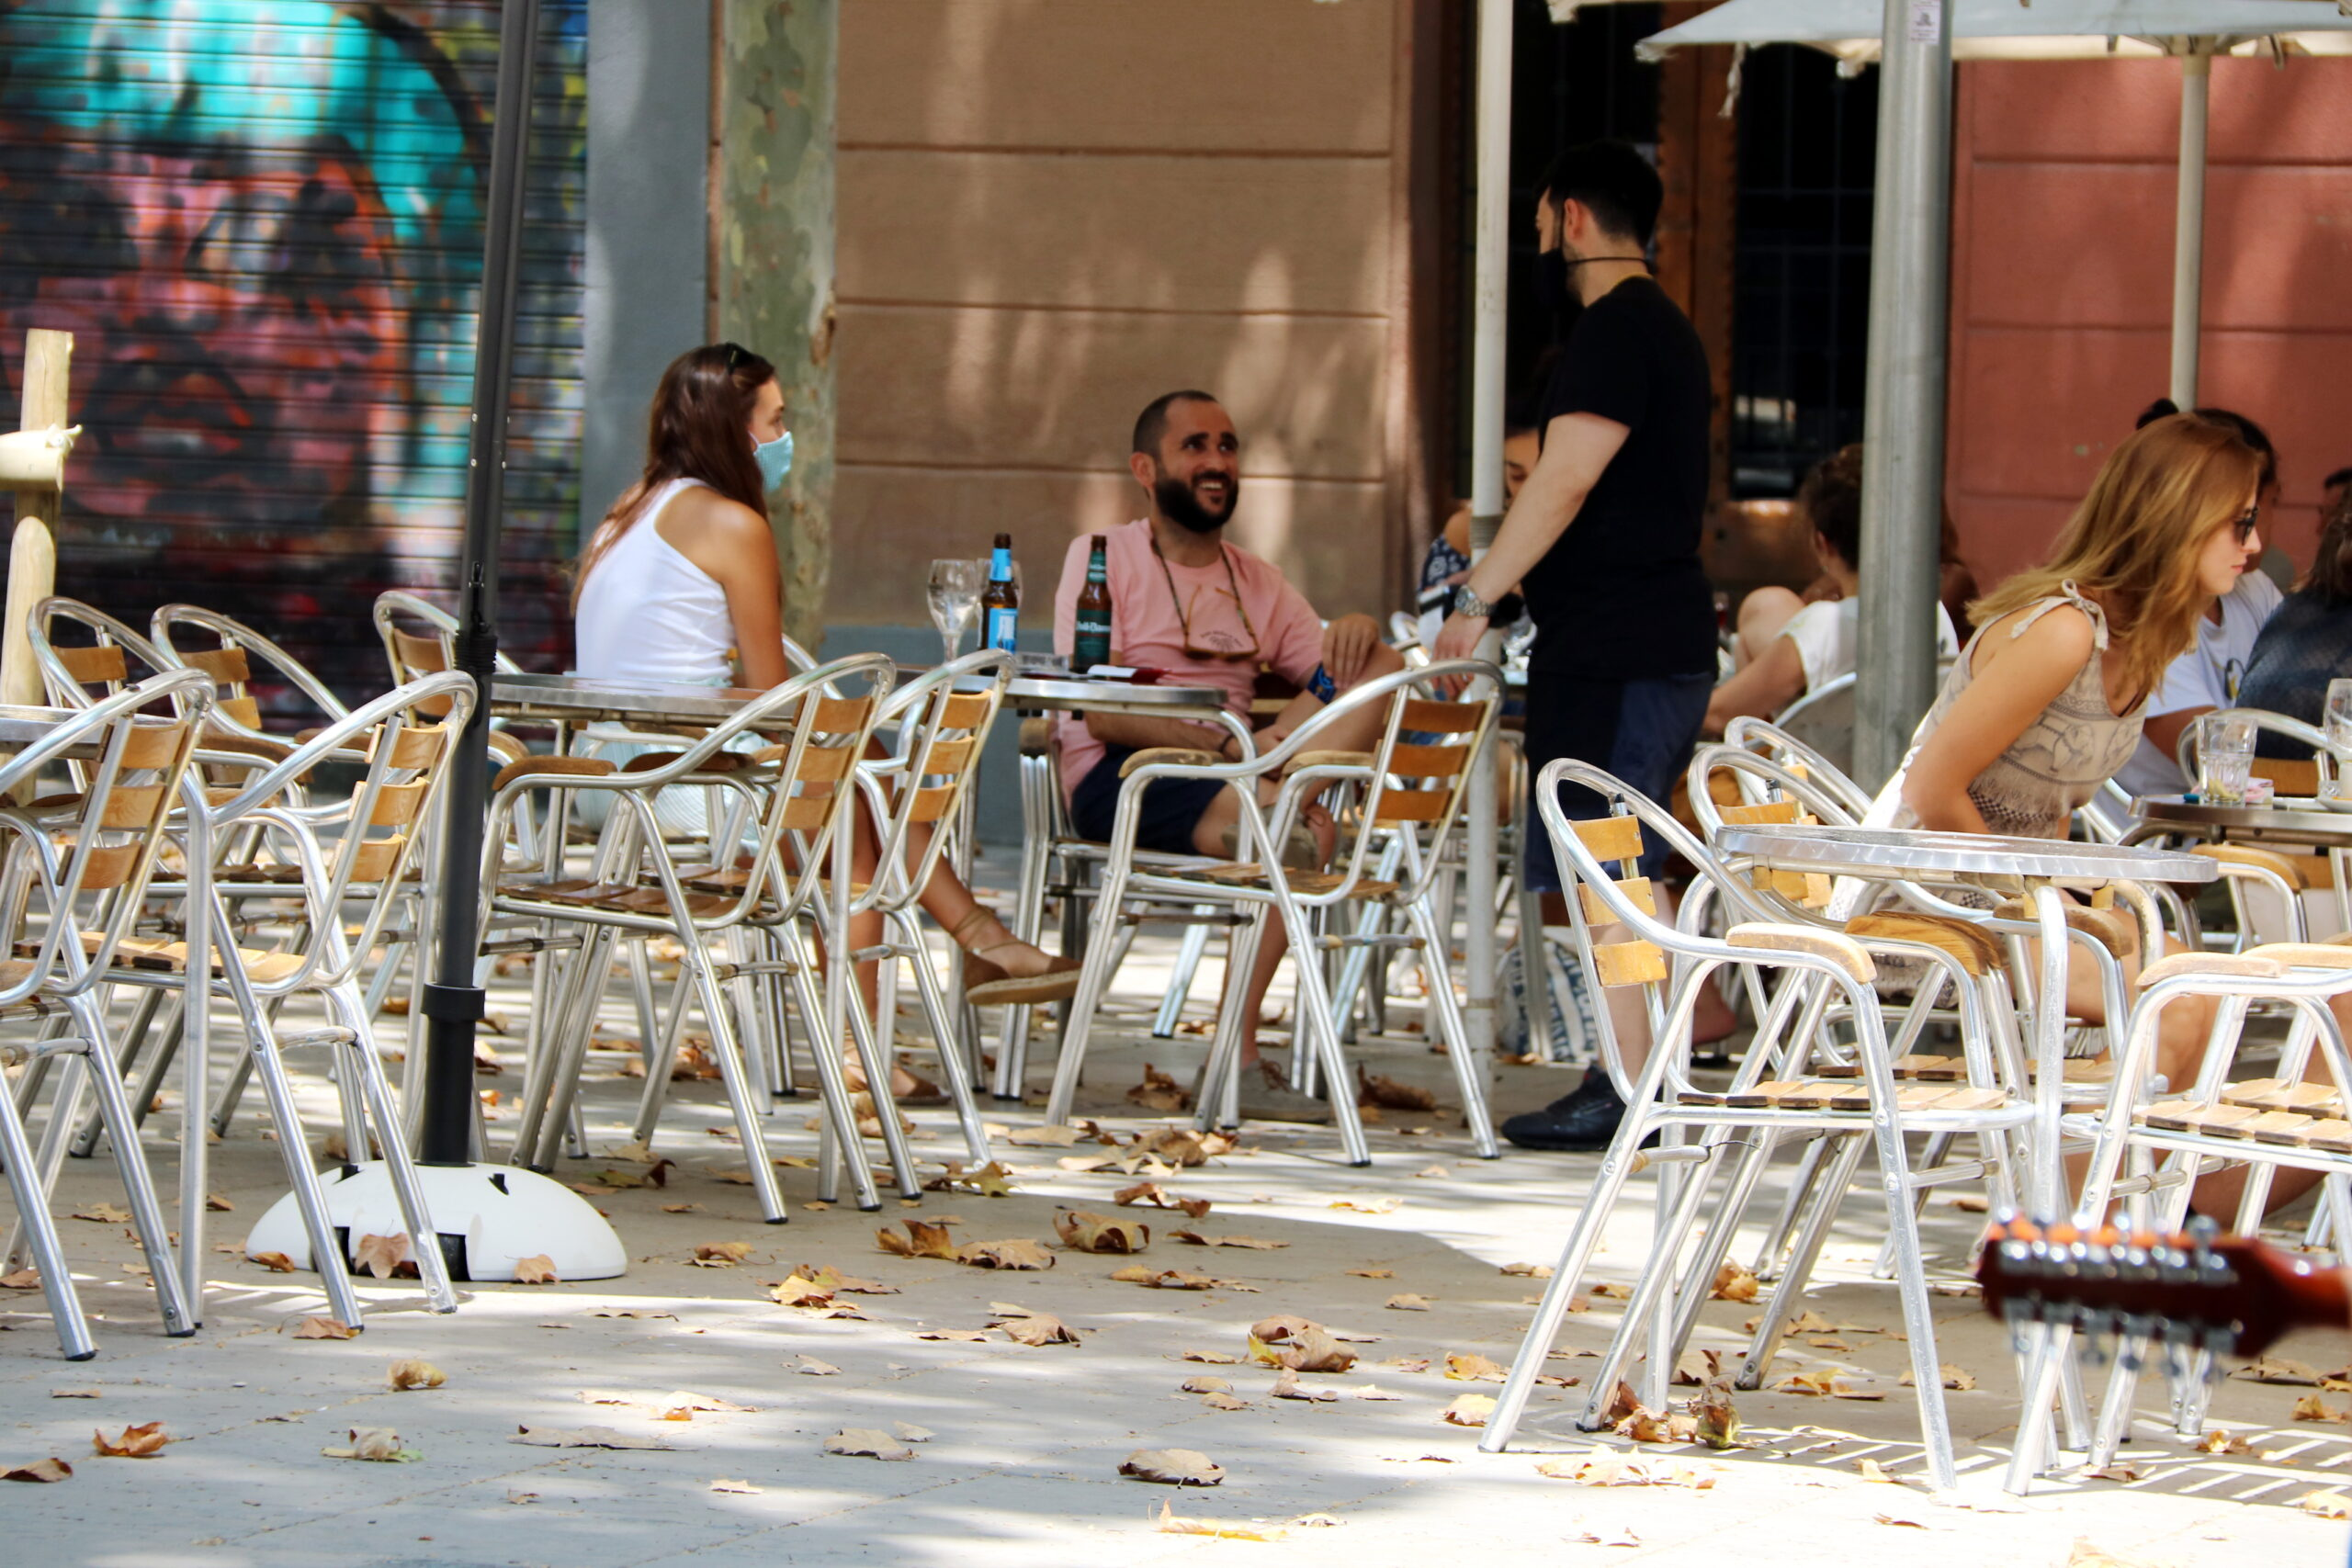 Usuaris en una terrassa de la plaça de la Virreina de Barcelona   ACN